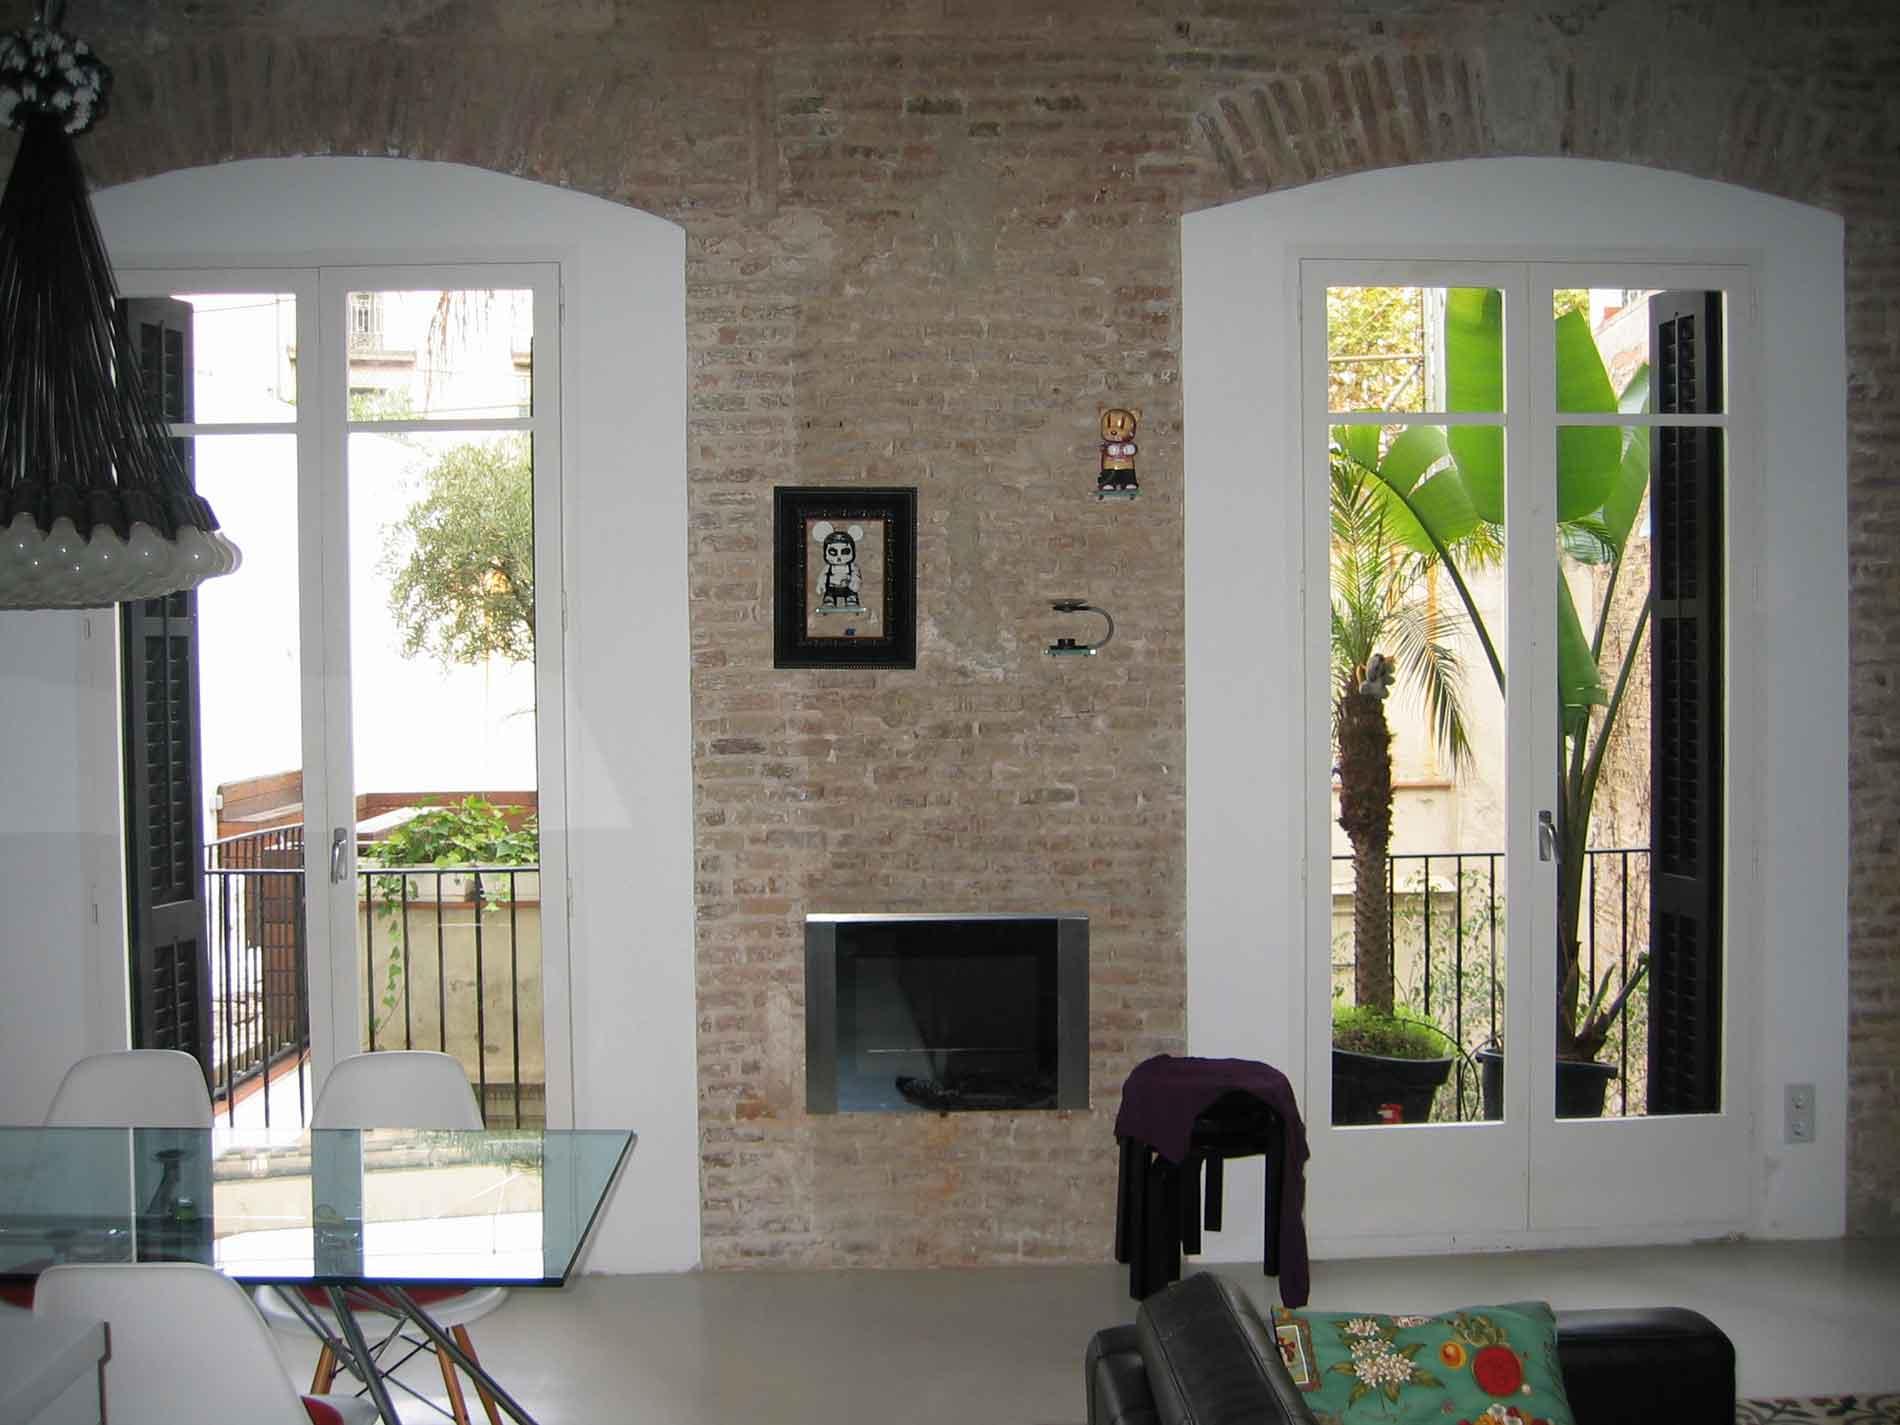 Hacemos realidad los proyectos de interiorismo para tu hogar y negocio